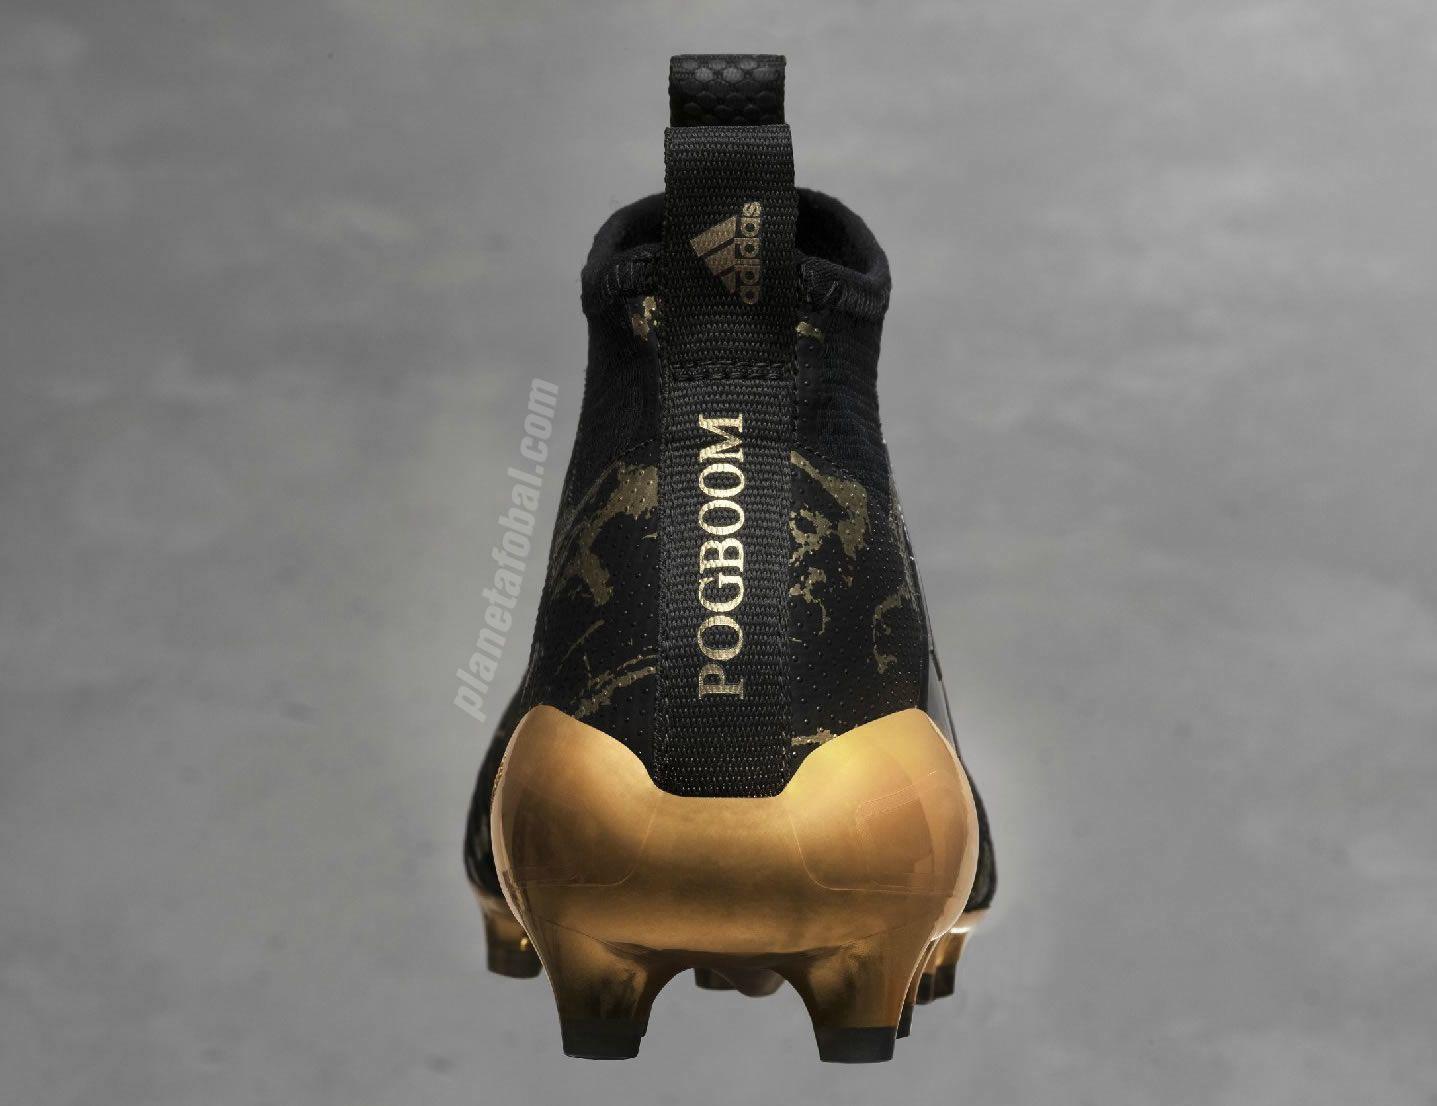 Botines exclusivos de Paul Pogba | Foto Adidas